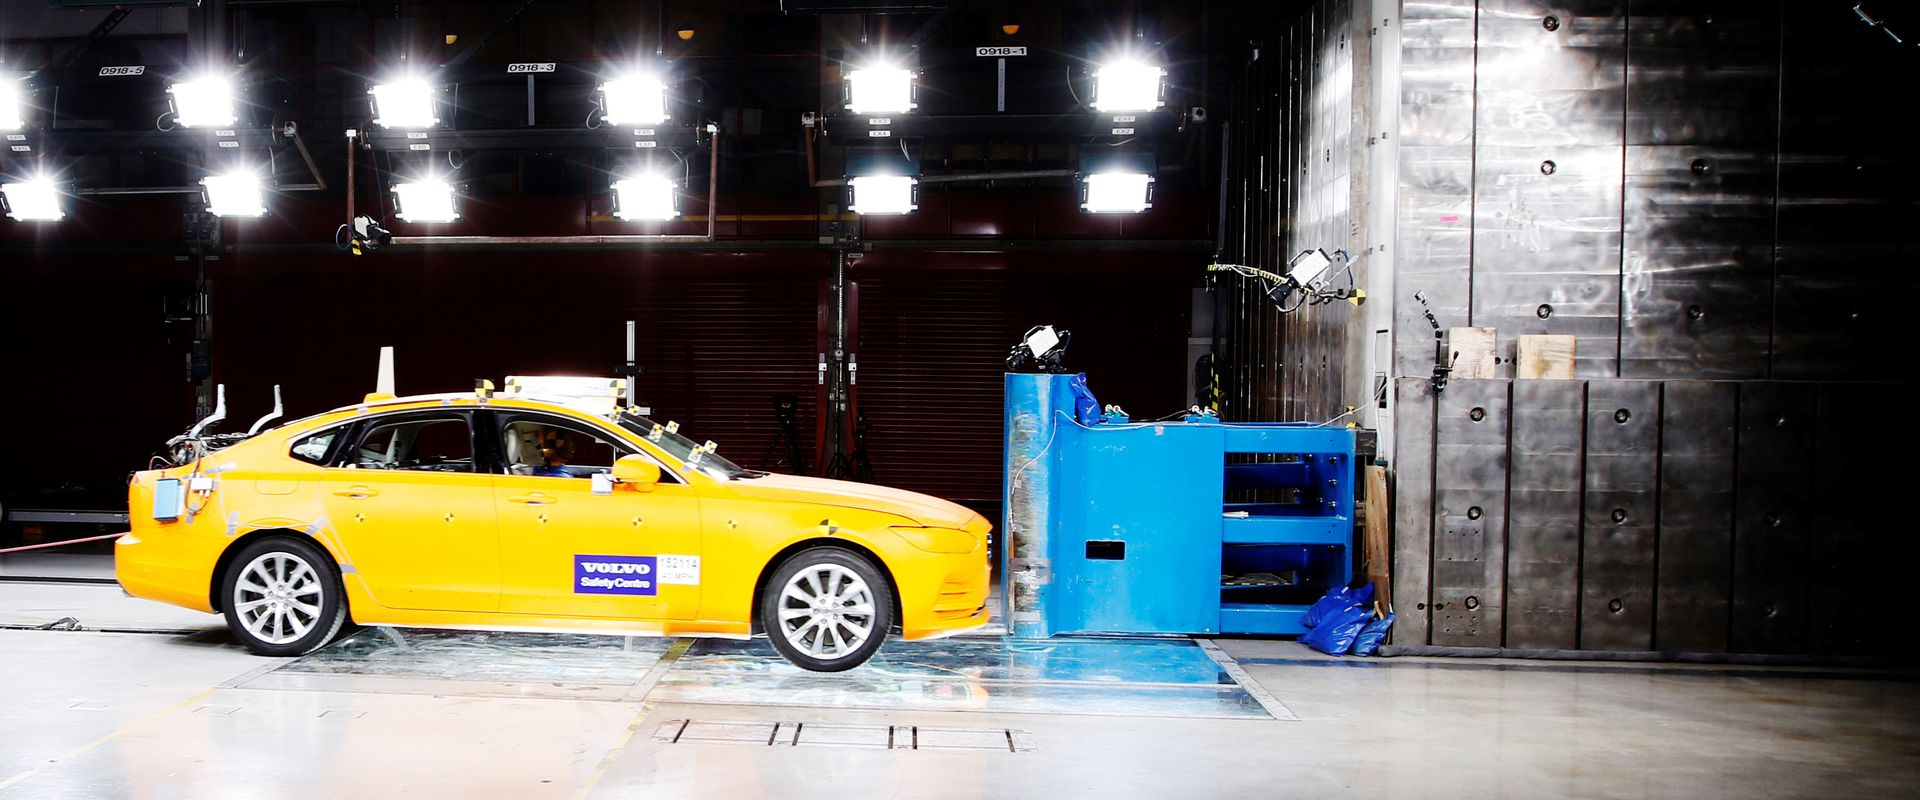 Két évtizede az életmentés szolgálatában: idén húsz éves a Volvo Cars Biztonsági Központja